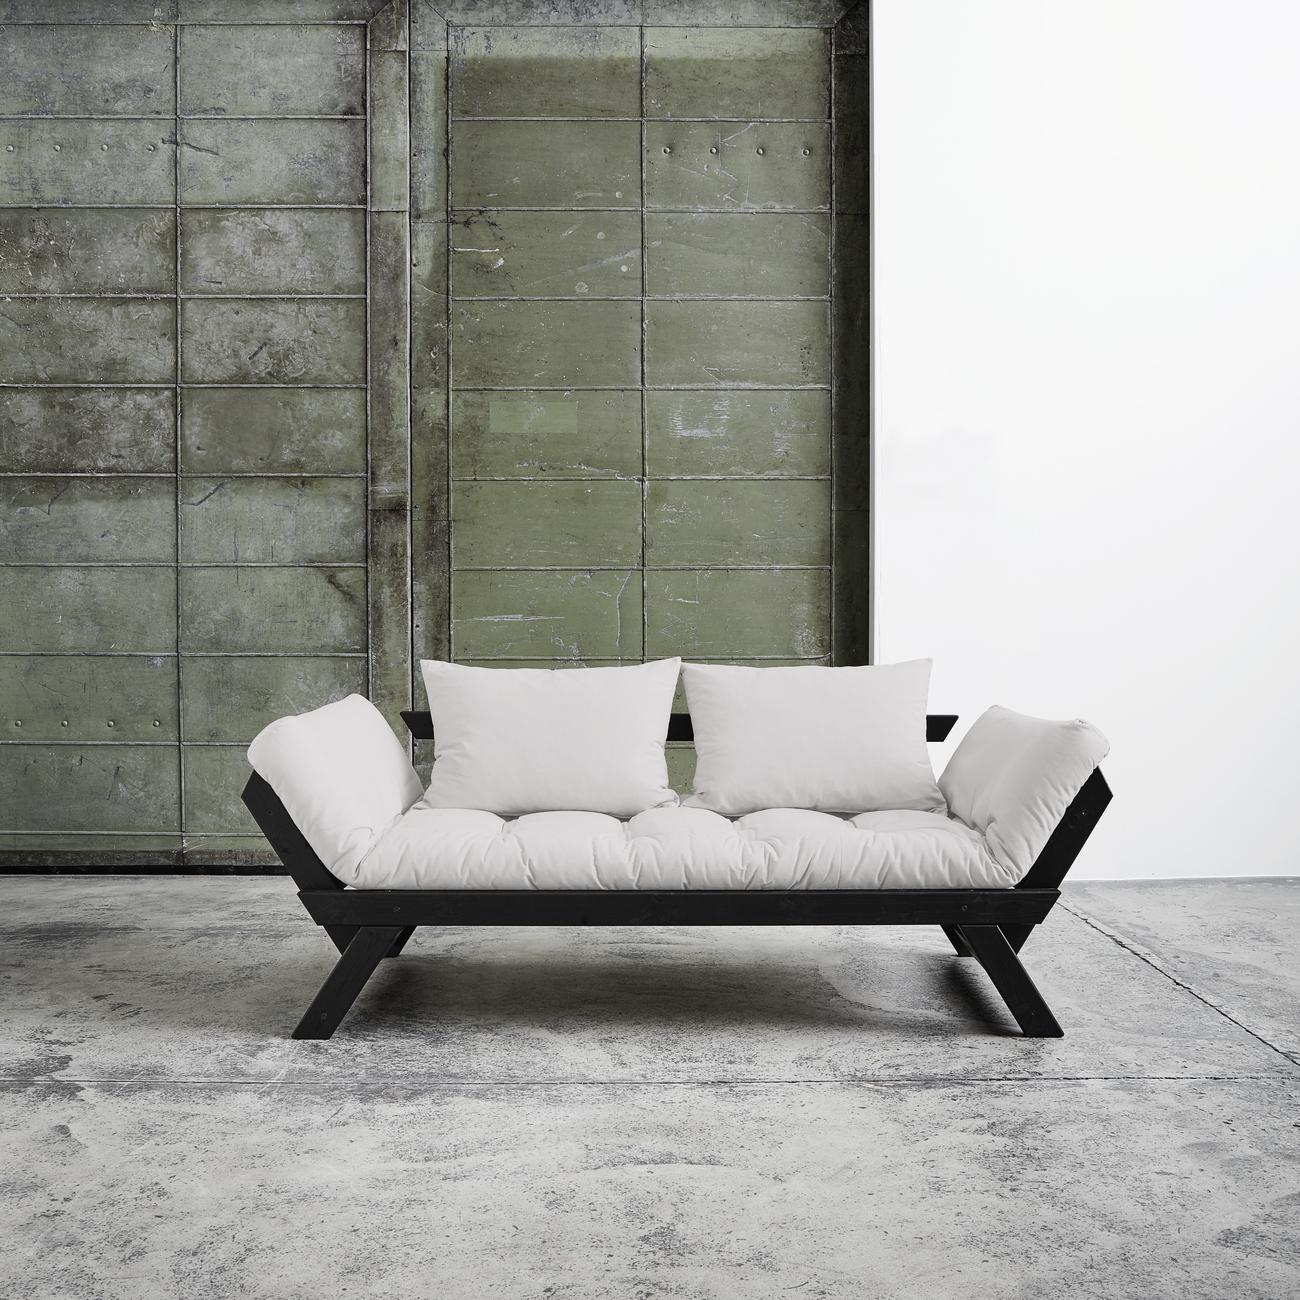 Divano letto bebop di karup tortora struttura nera duzzle - Struttura letto divano ...